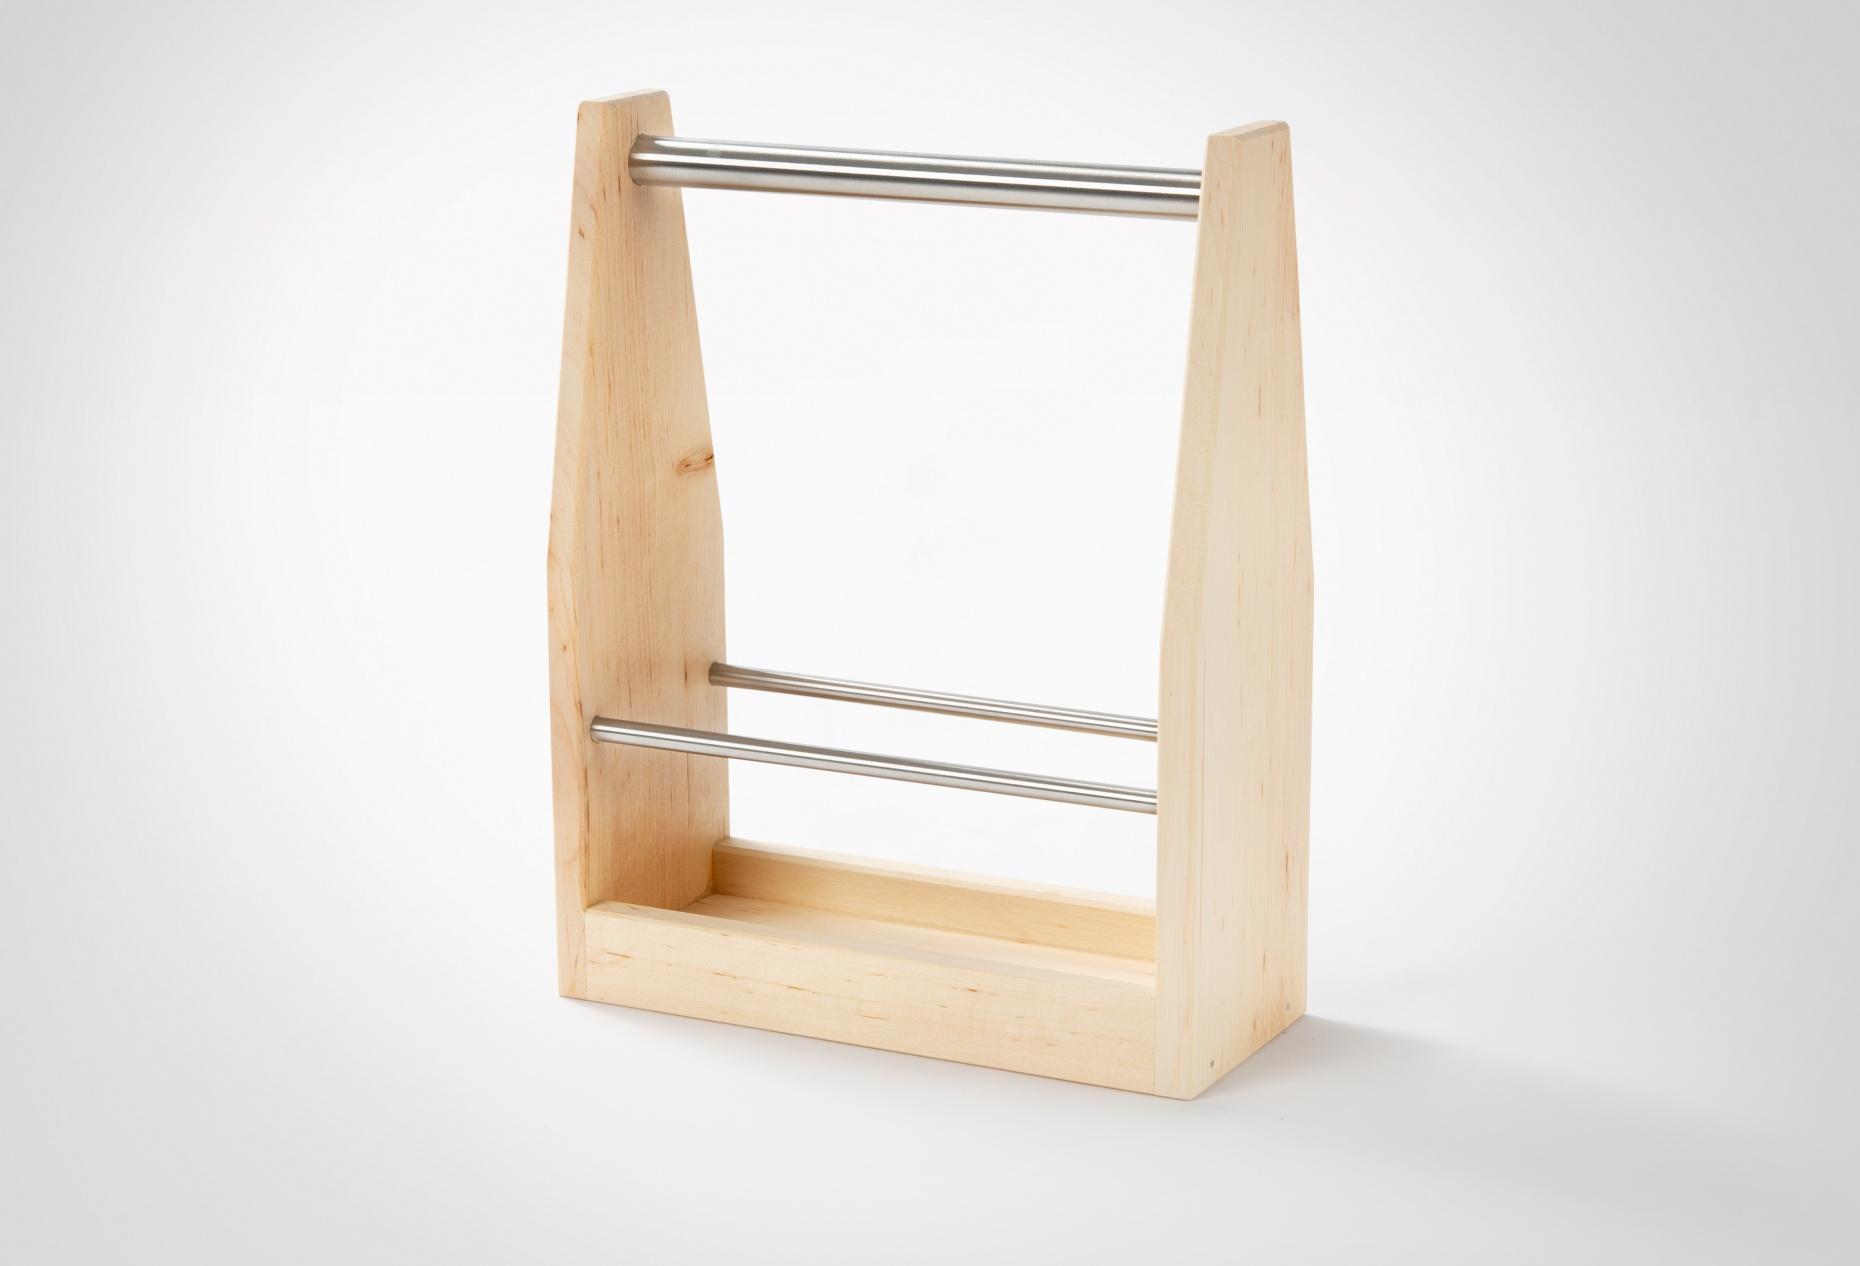 Holztragerl 3 für Design Premium Mühlen - JULIBERG